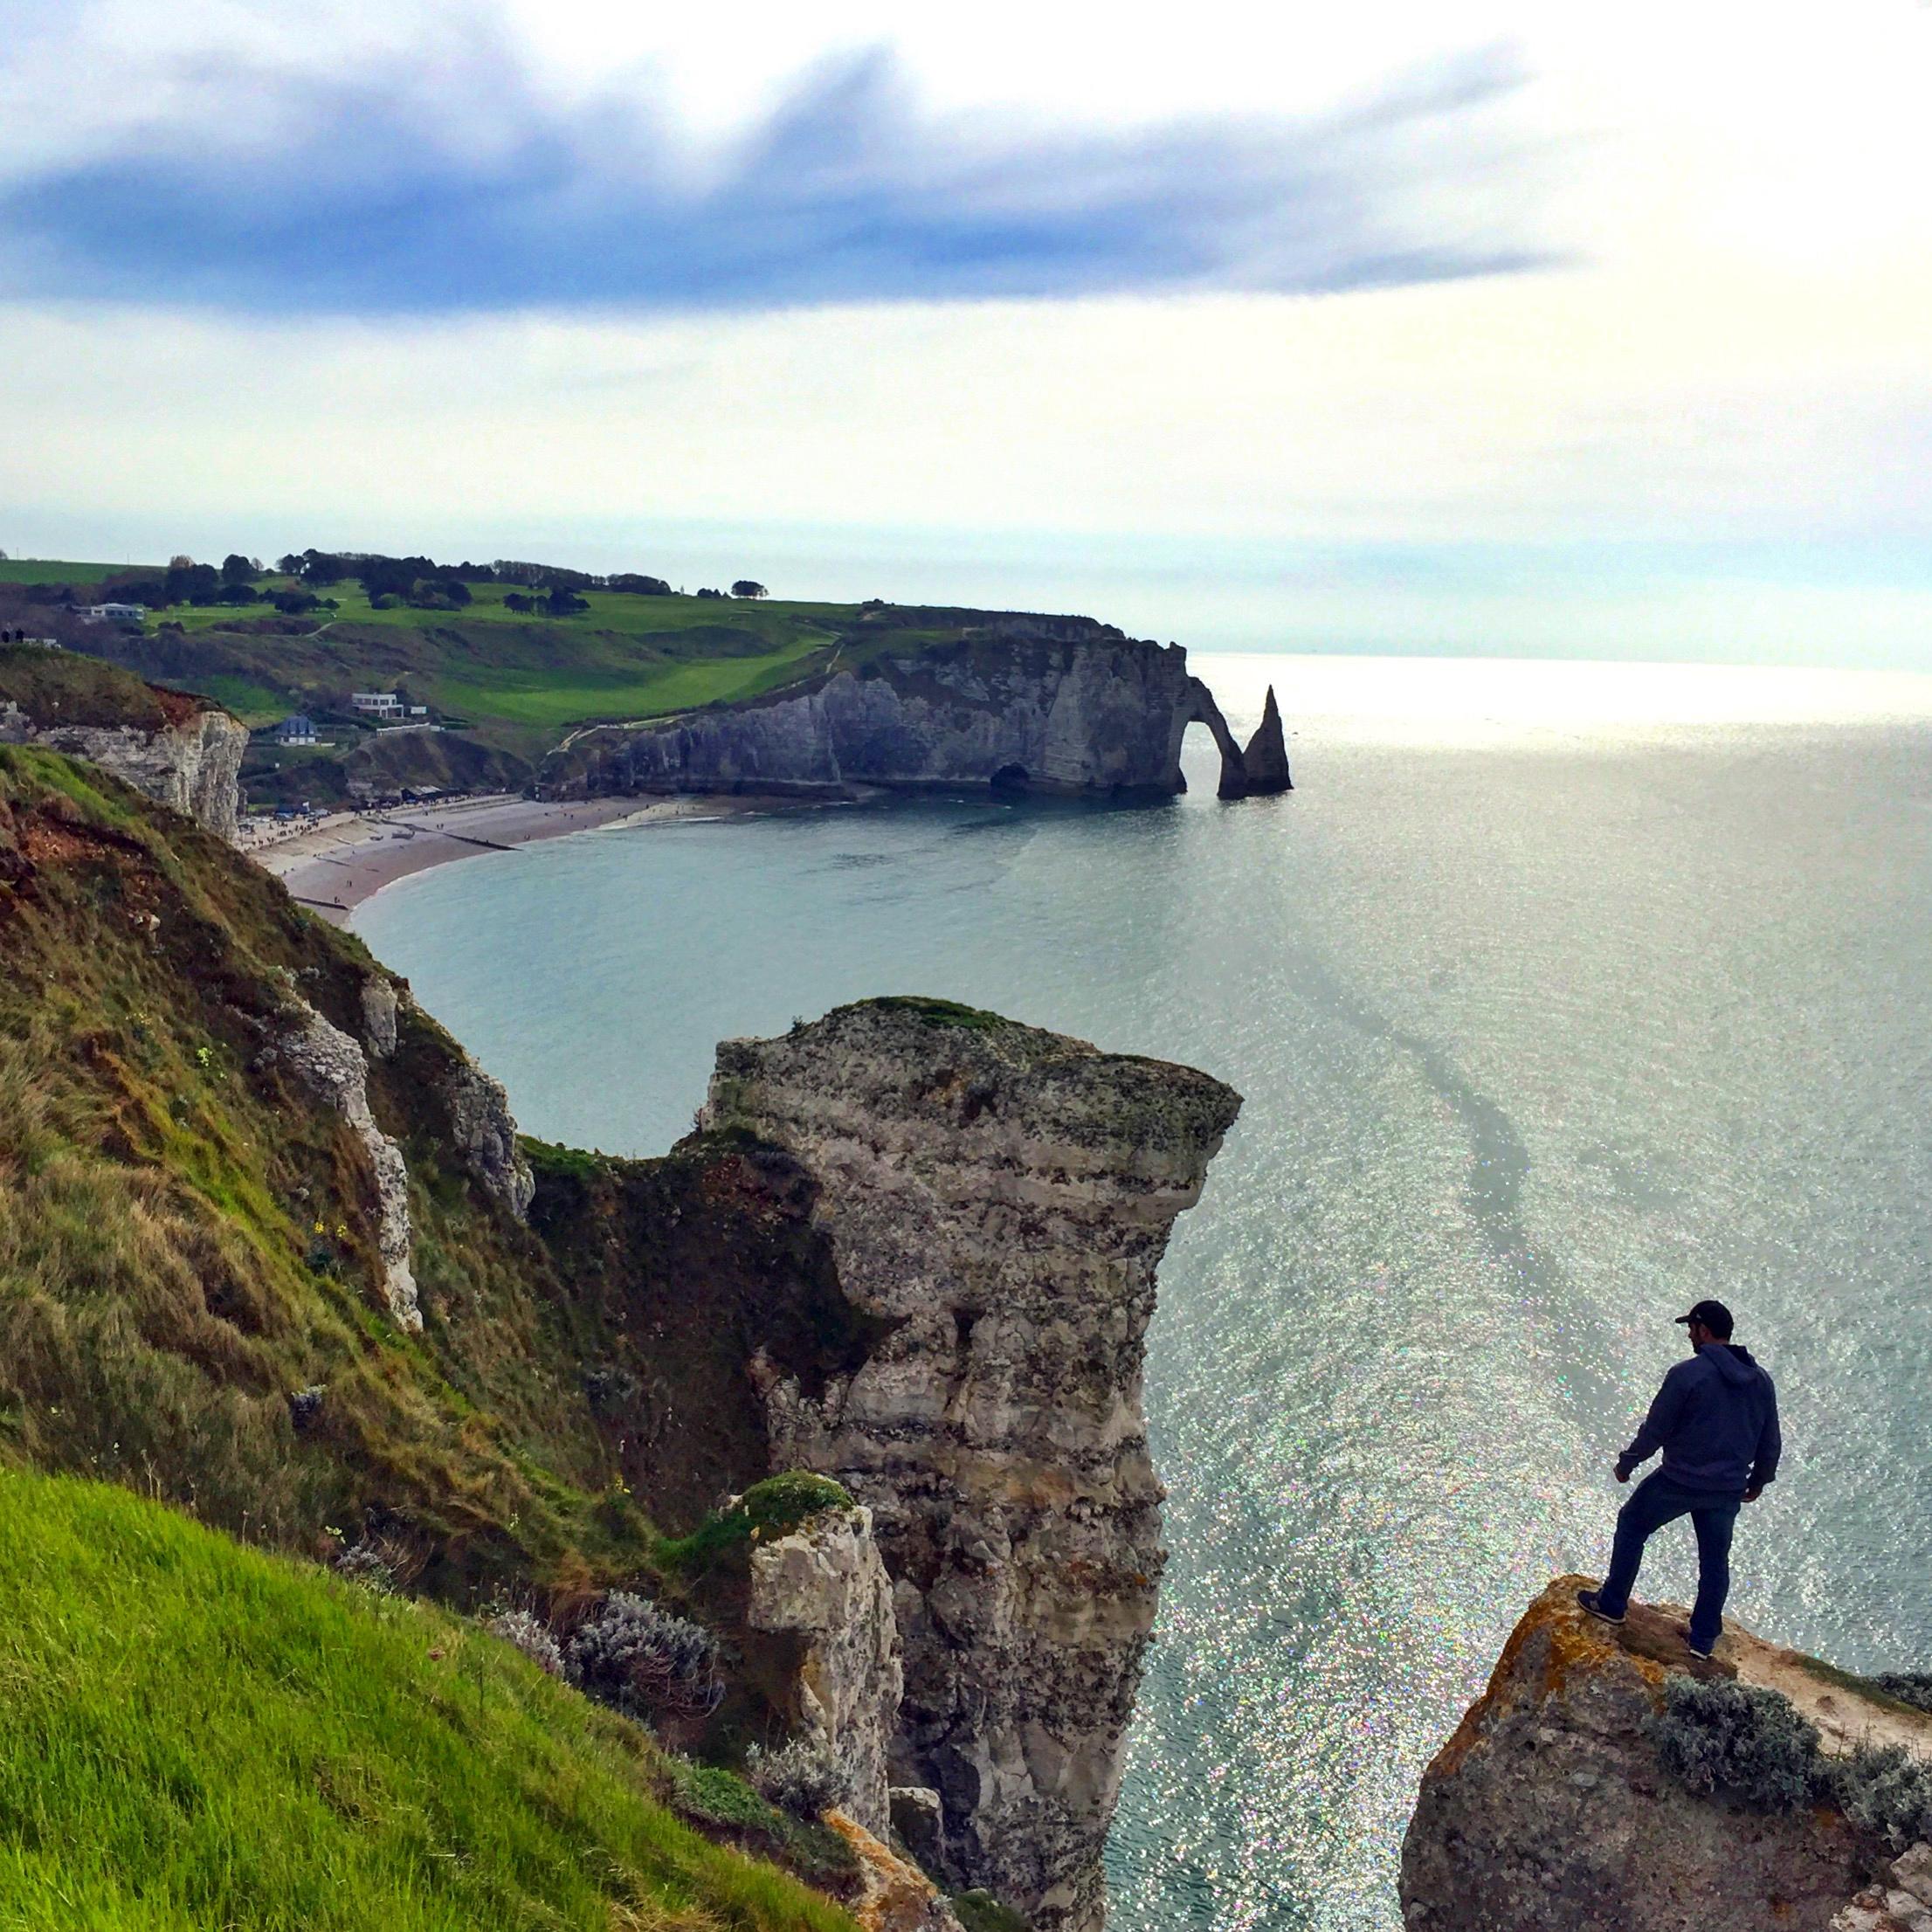 Playas del Desembarco de Normandía, Francia desembarco de normandía - 39169776724 0950e1c5f0 o - Viaje a las Playas del Desembarco de Normandía